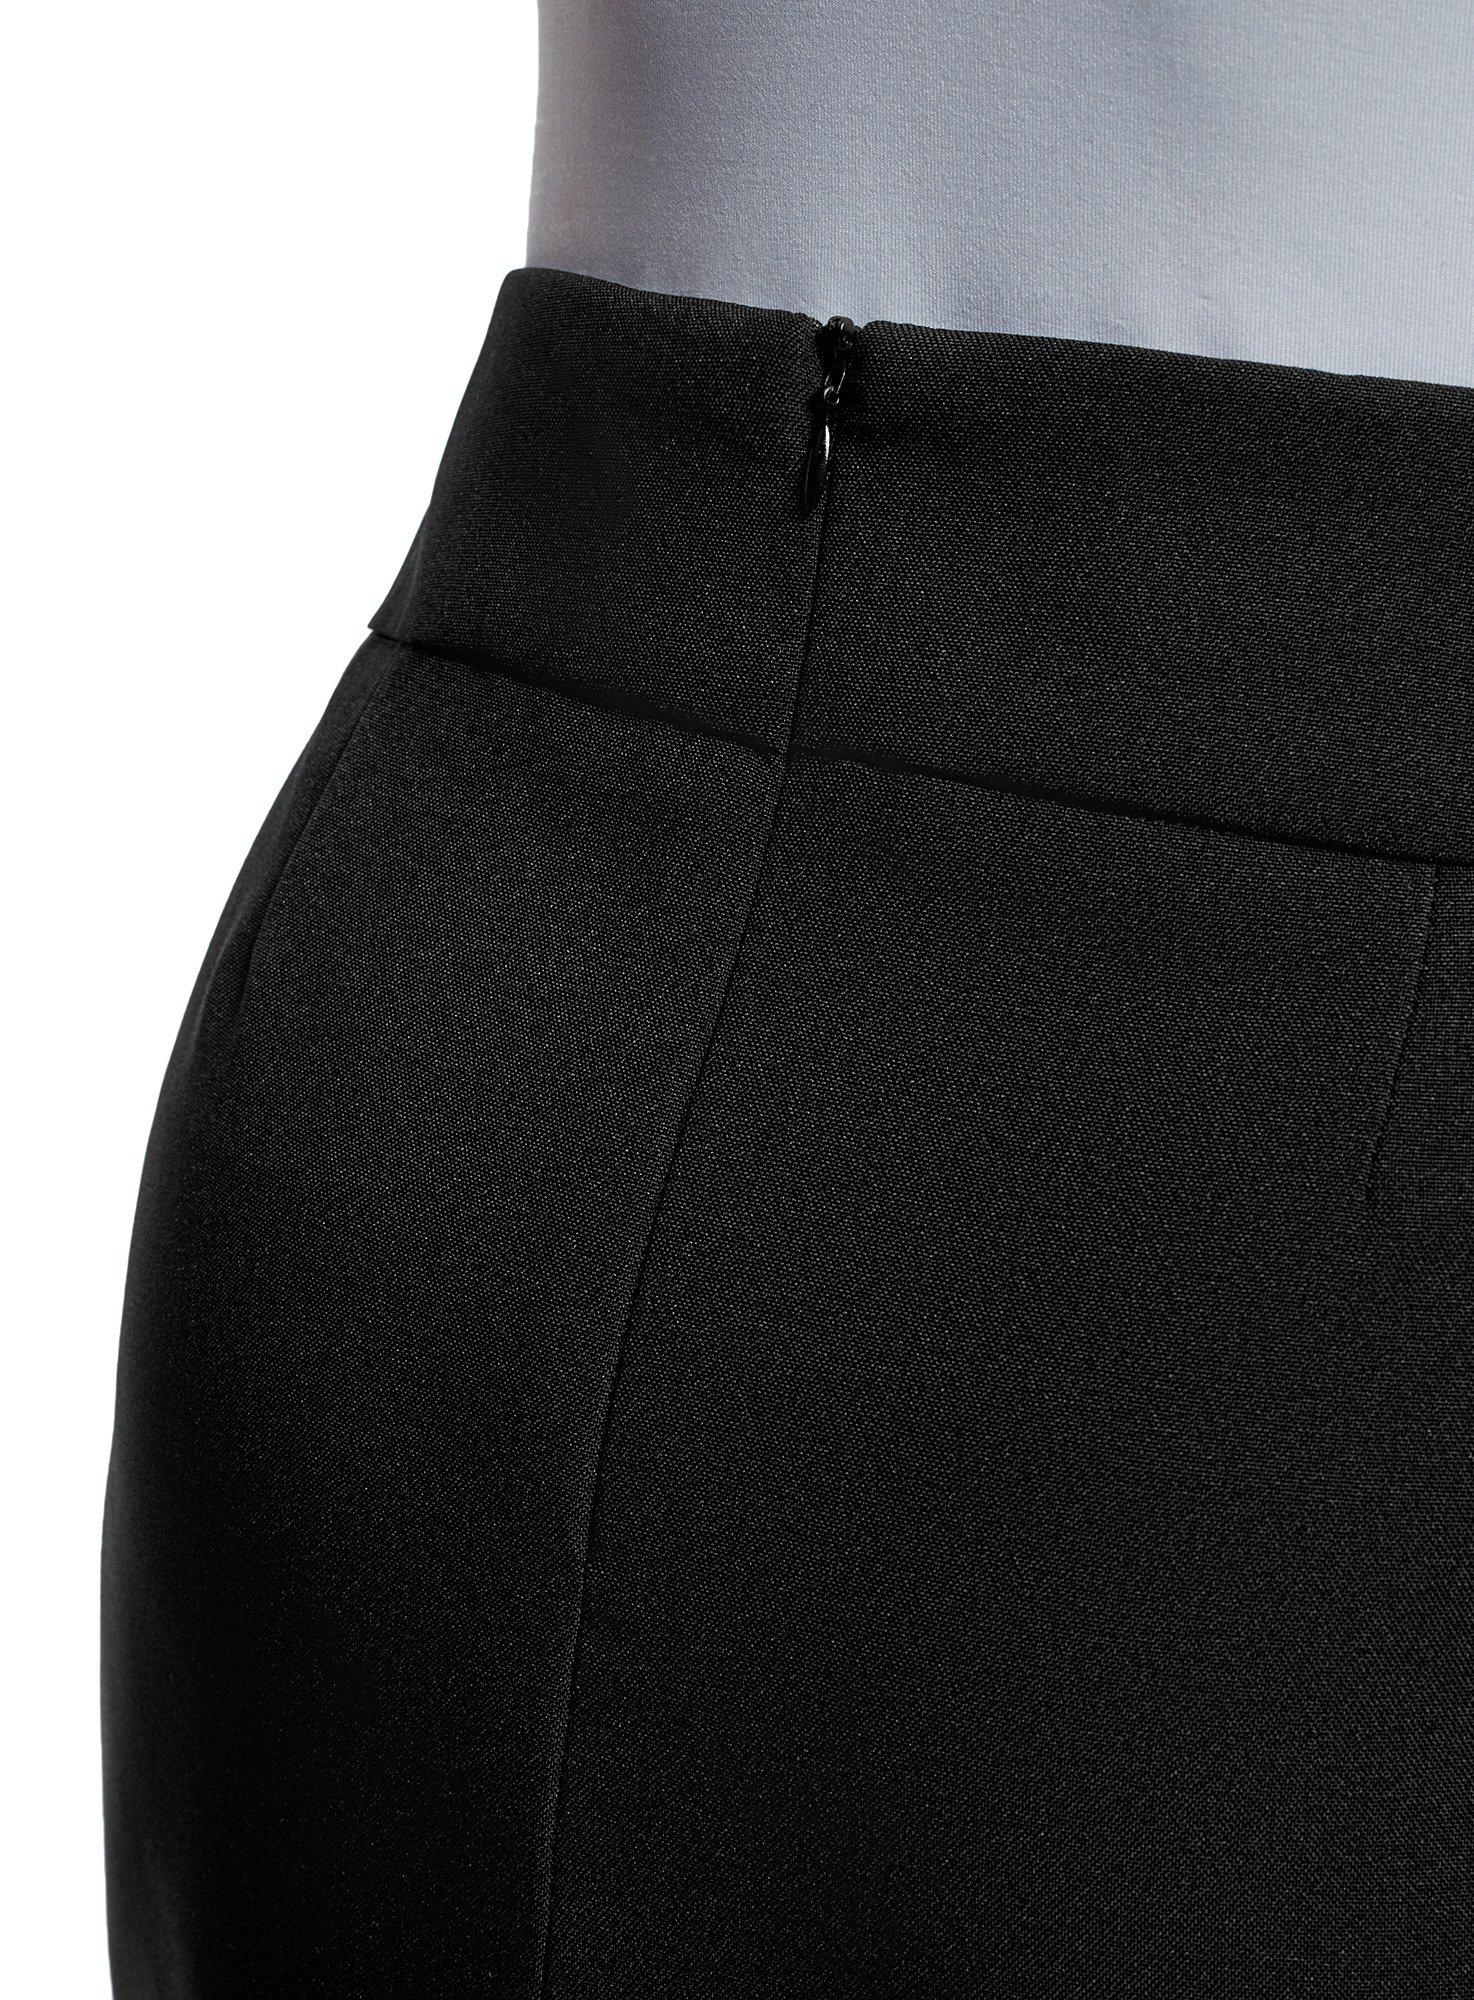 oodji Ultra Women's Basic Short Skirt, Black, 6 by oodji (Image #5)